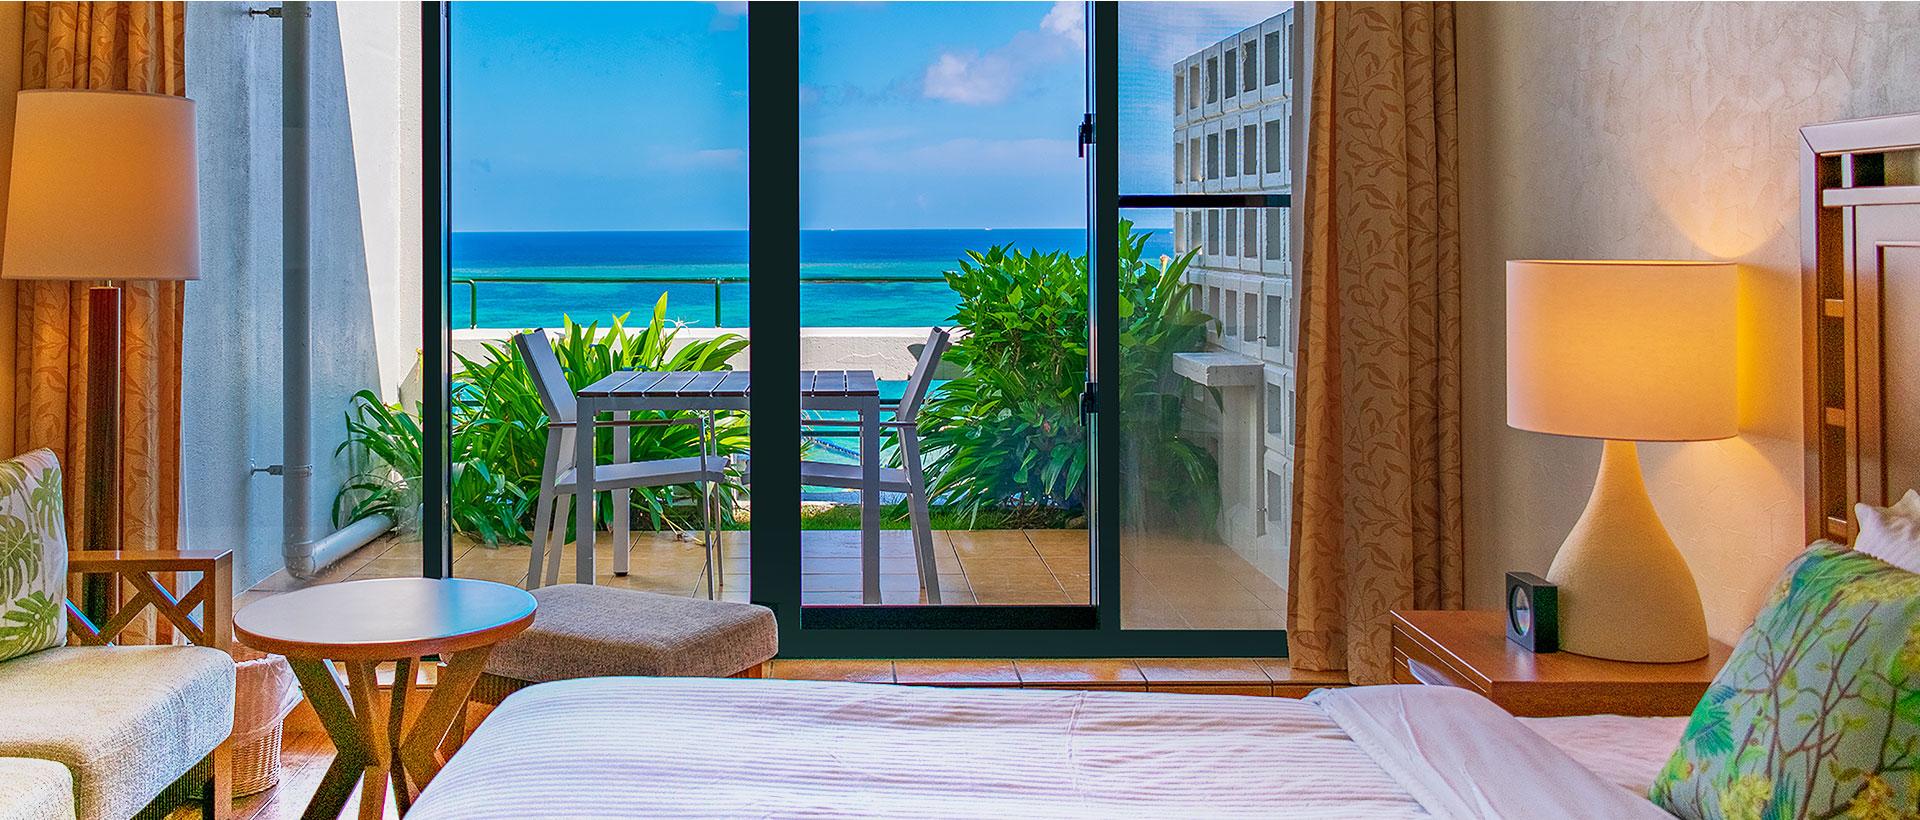 ホテルムーンビーチの客室イメージ